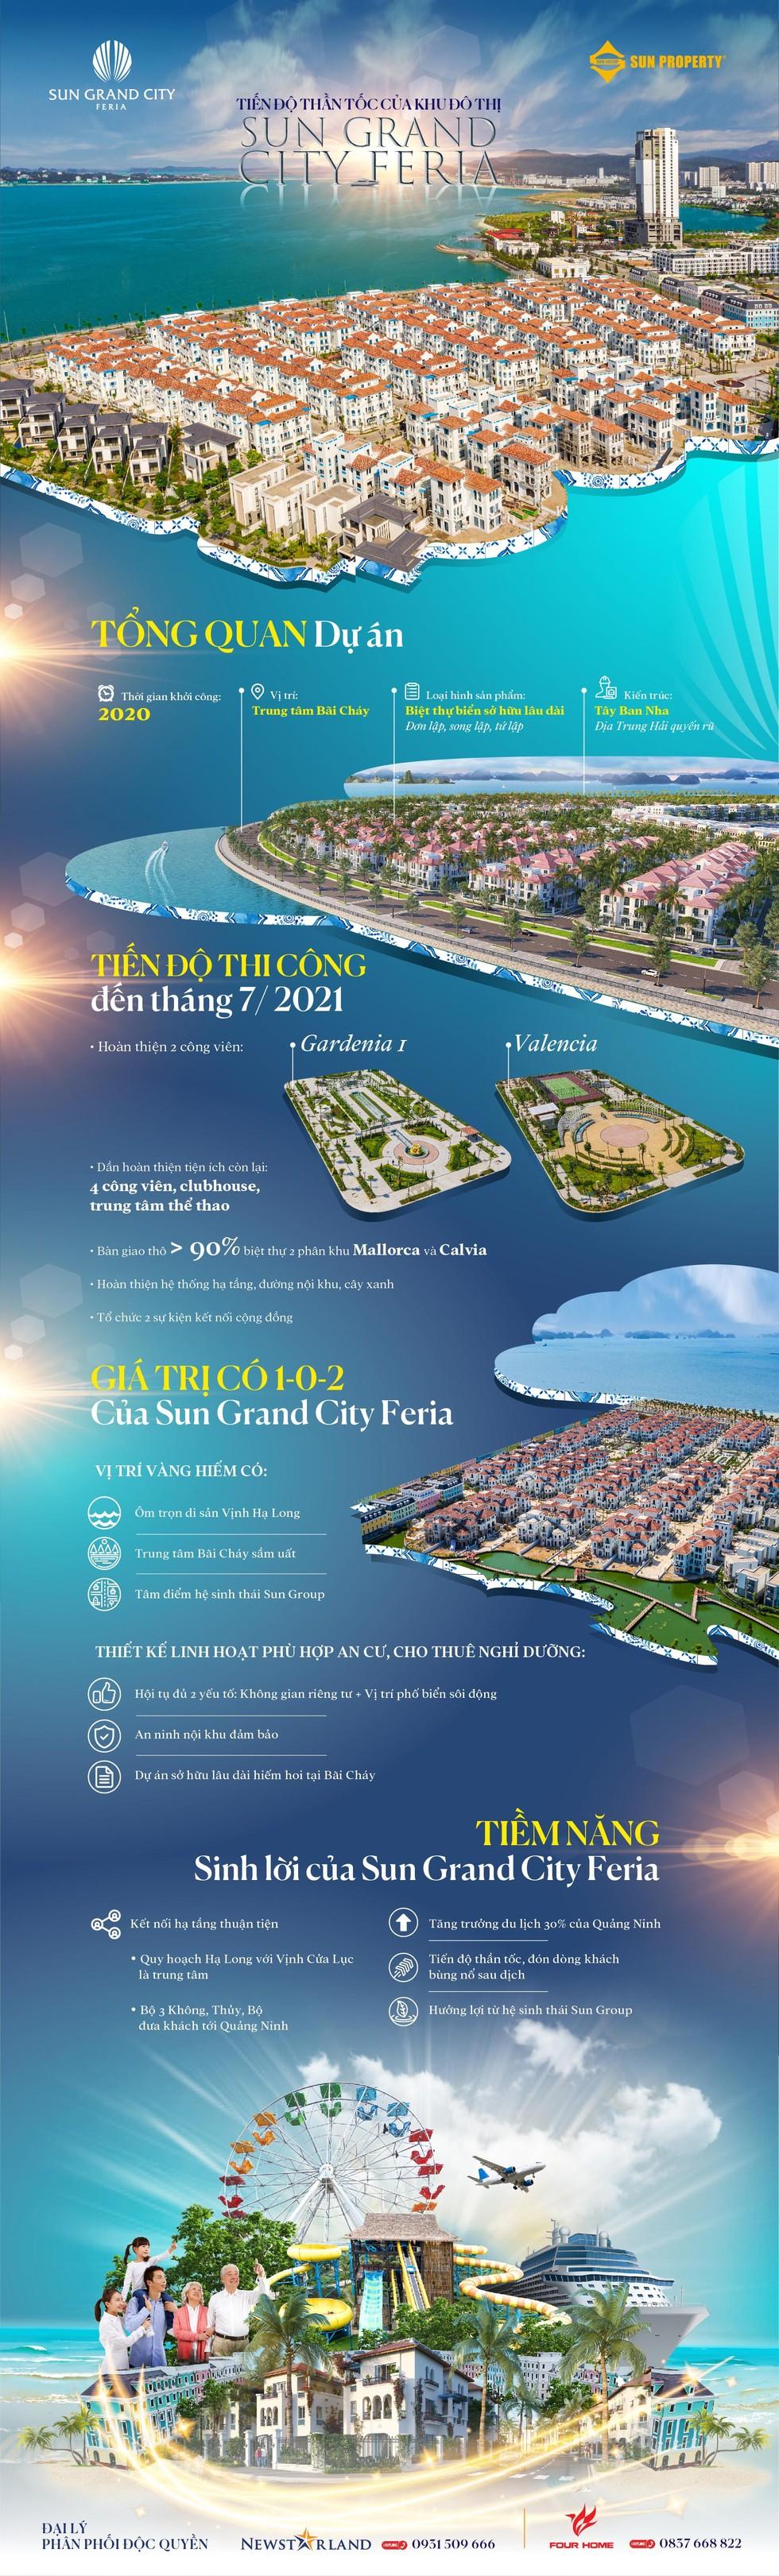 Infographic: Sức sống của khu đô thị Tây Ban Nha bên Vịnh di sản ảnh 1